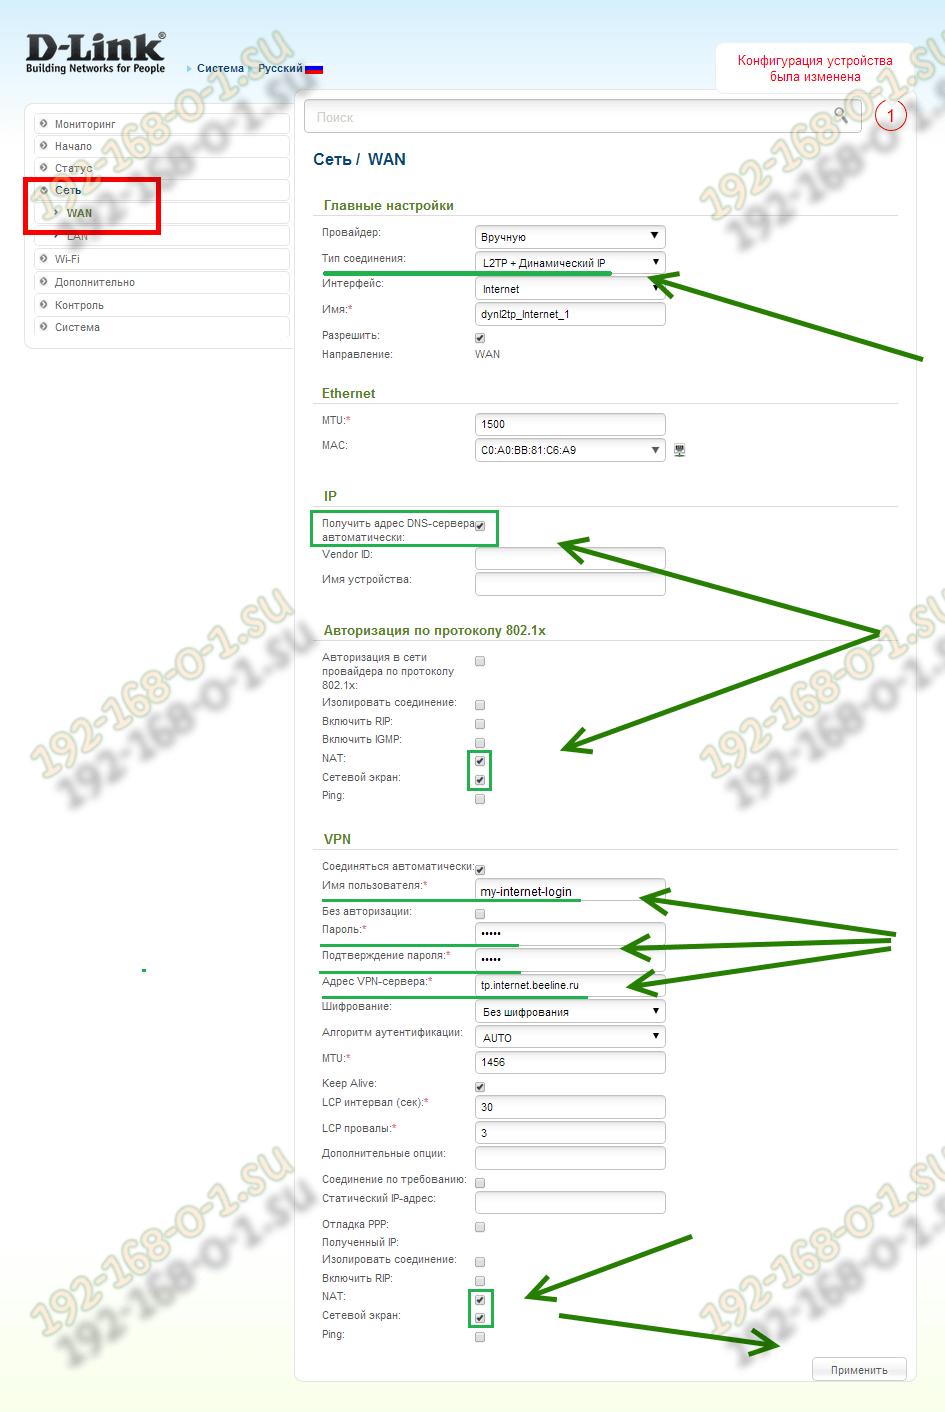 подключение d-link к билайн